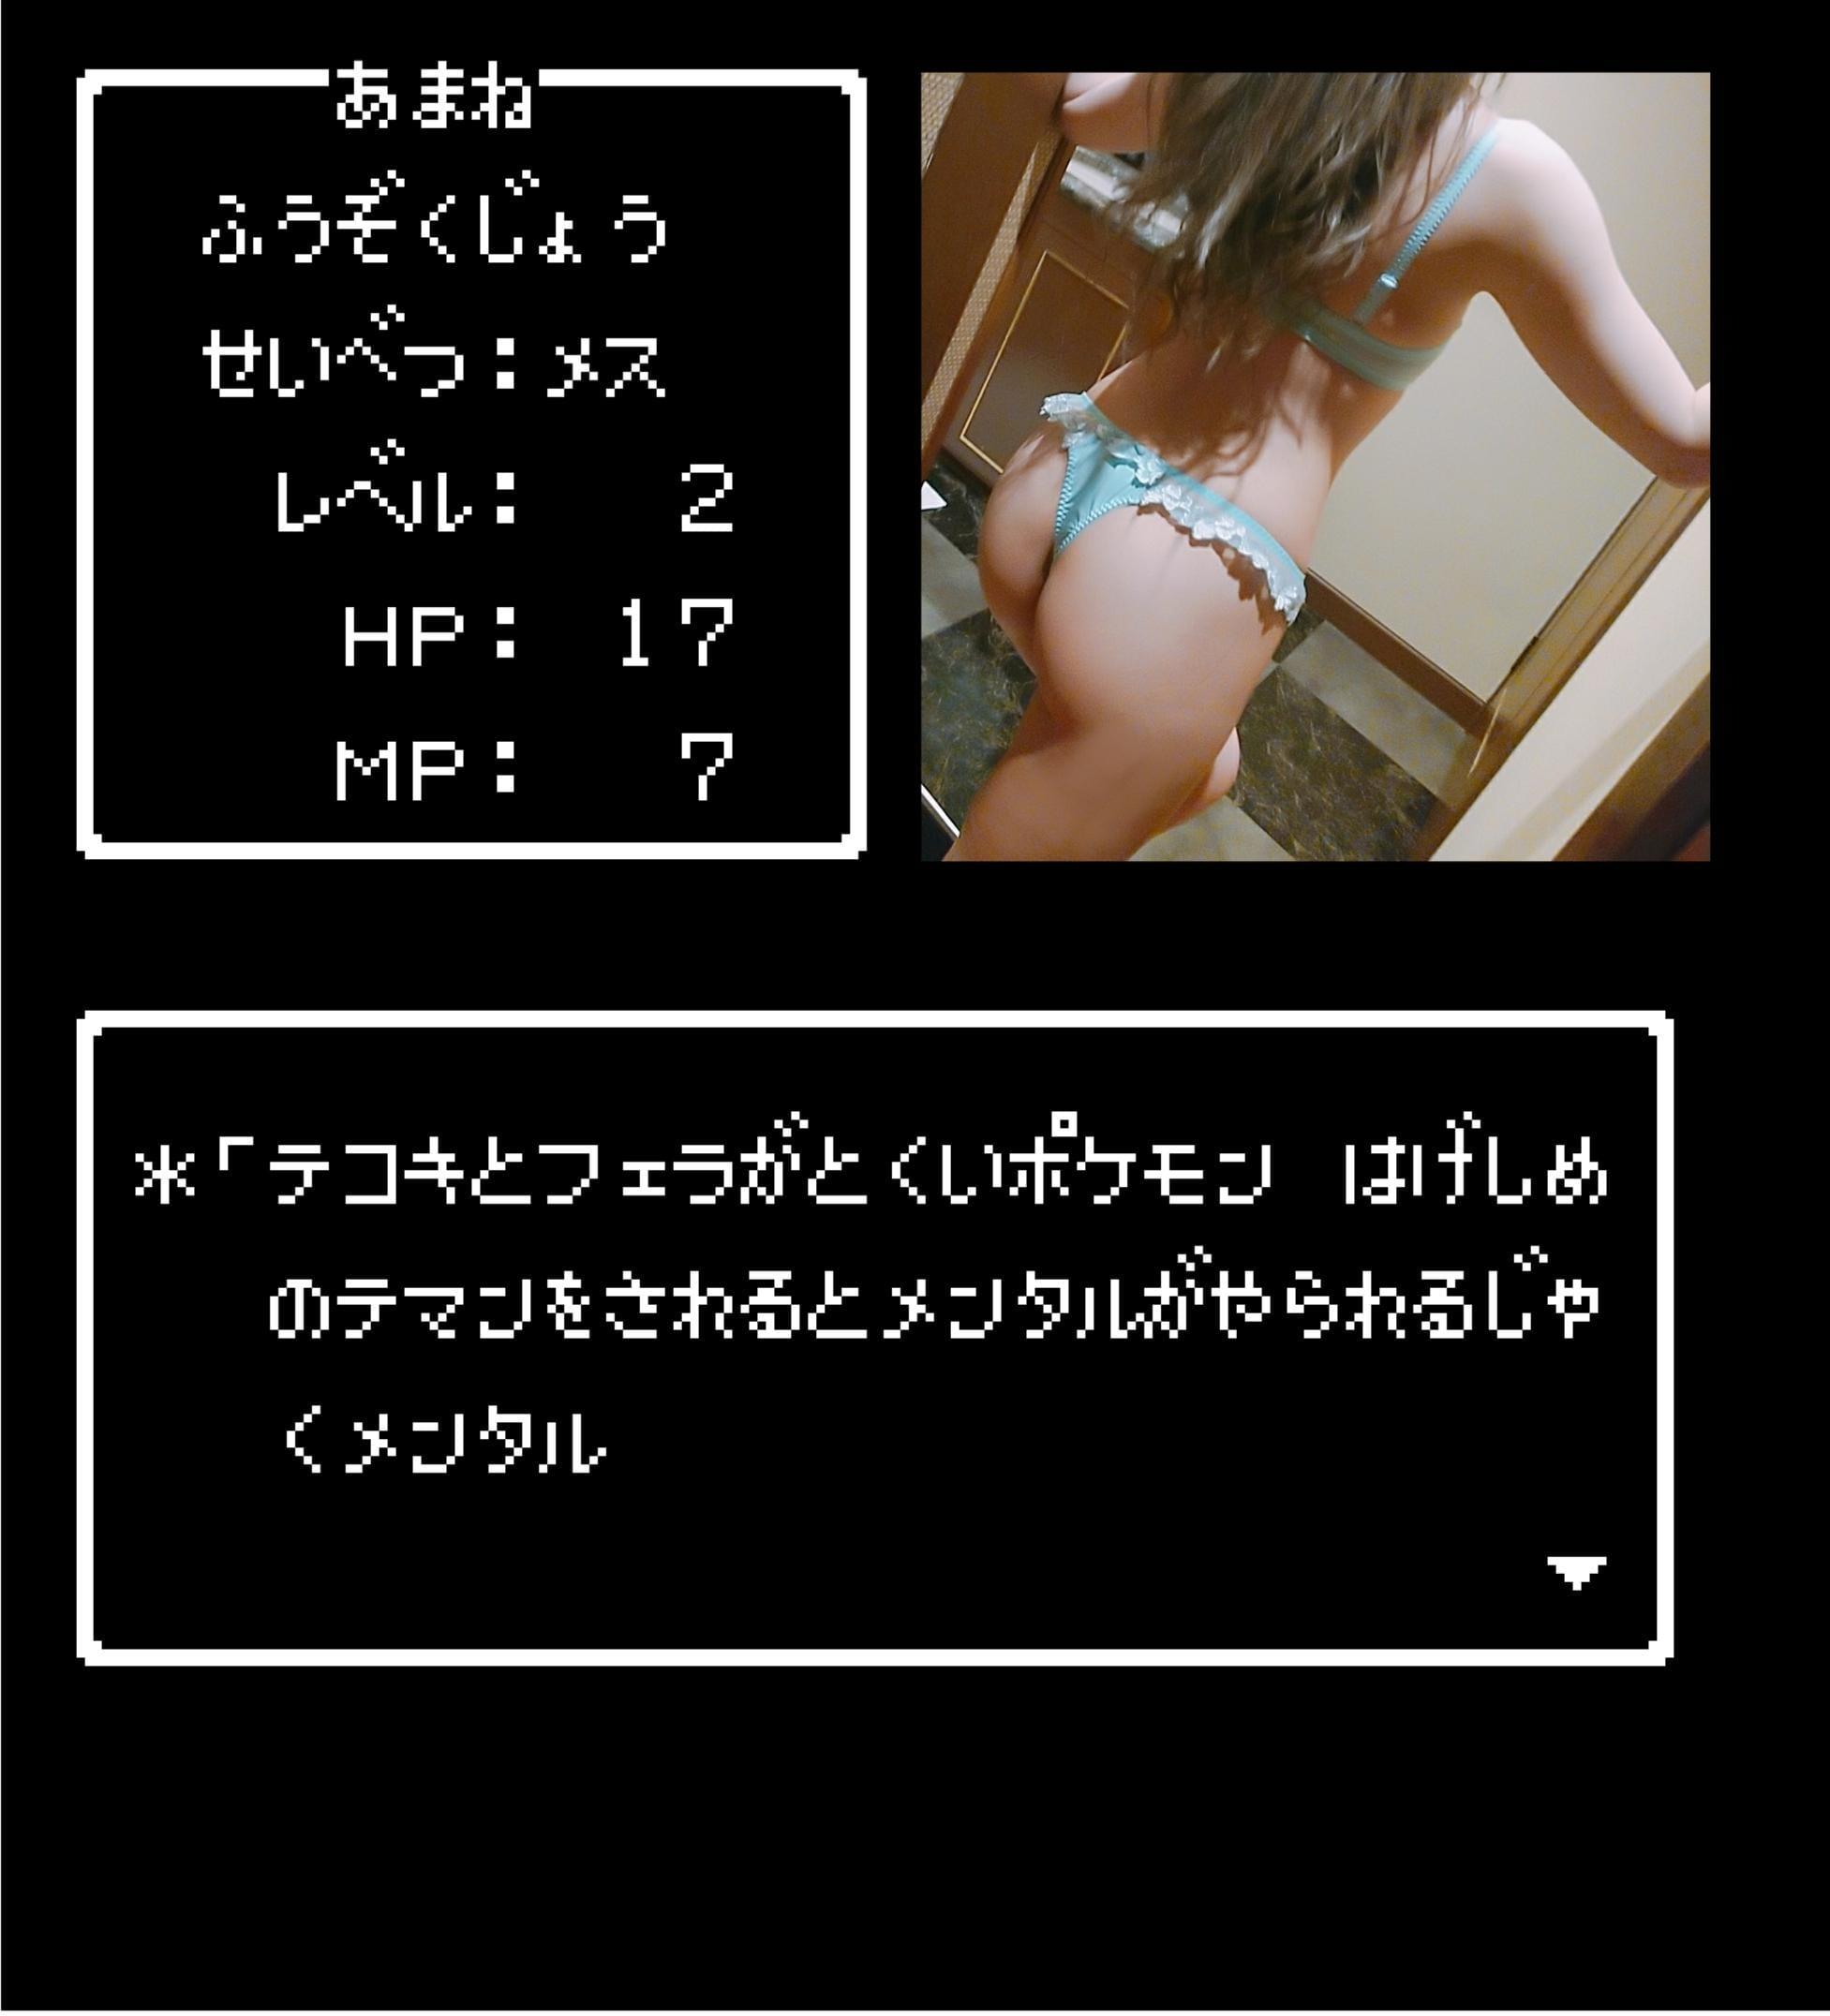 「パンケーキの次は」06/03(月) 20:05 | 桃尻 あまねの写メ・風俗動画